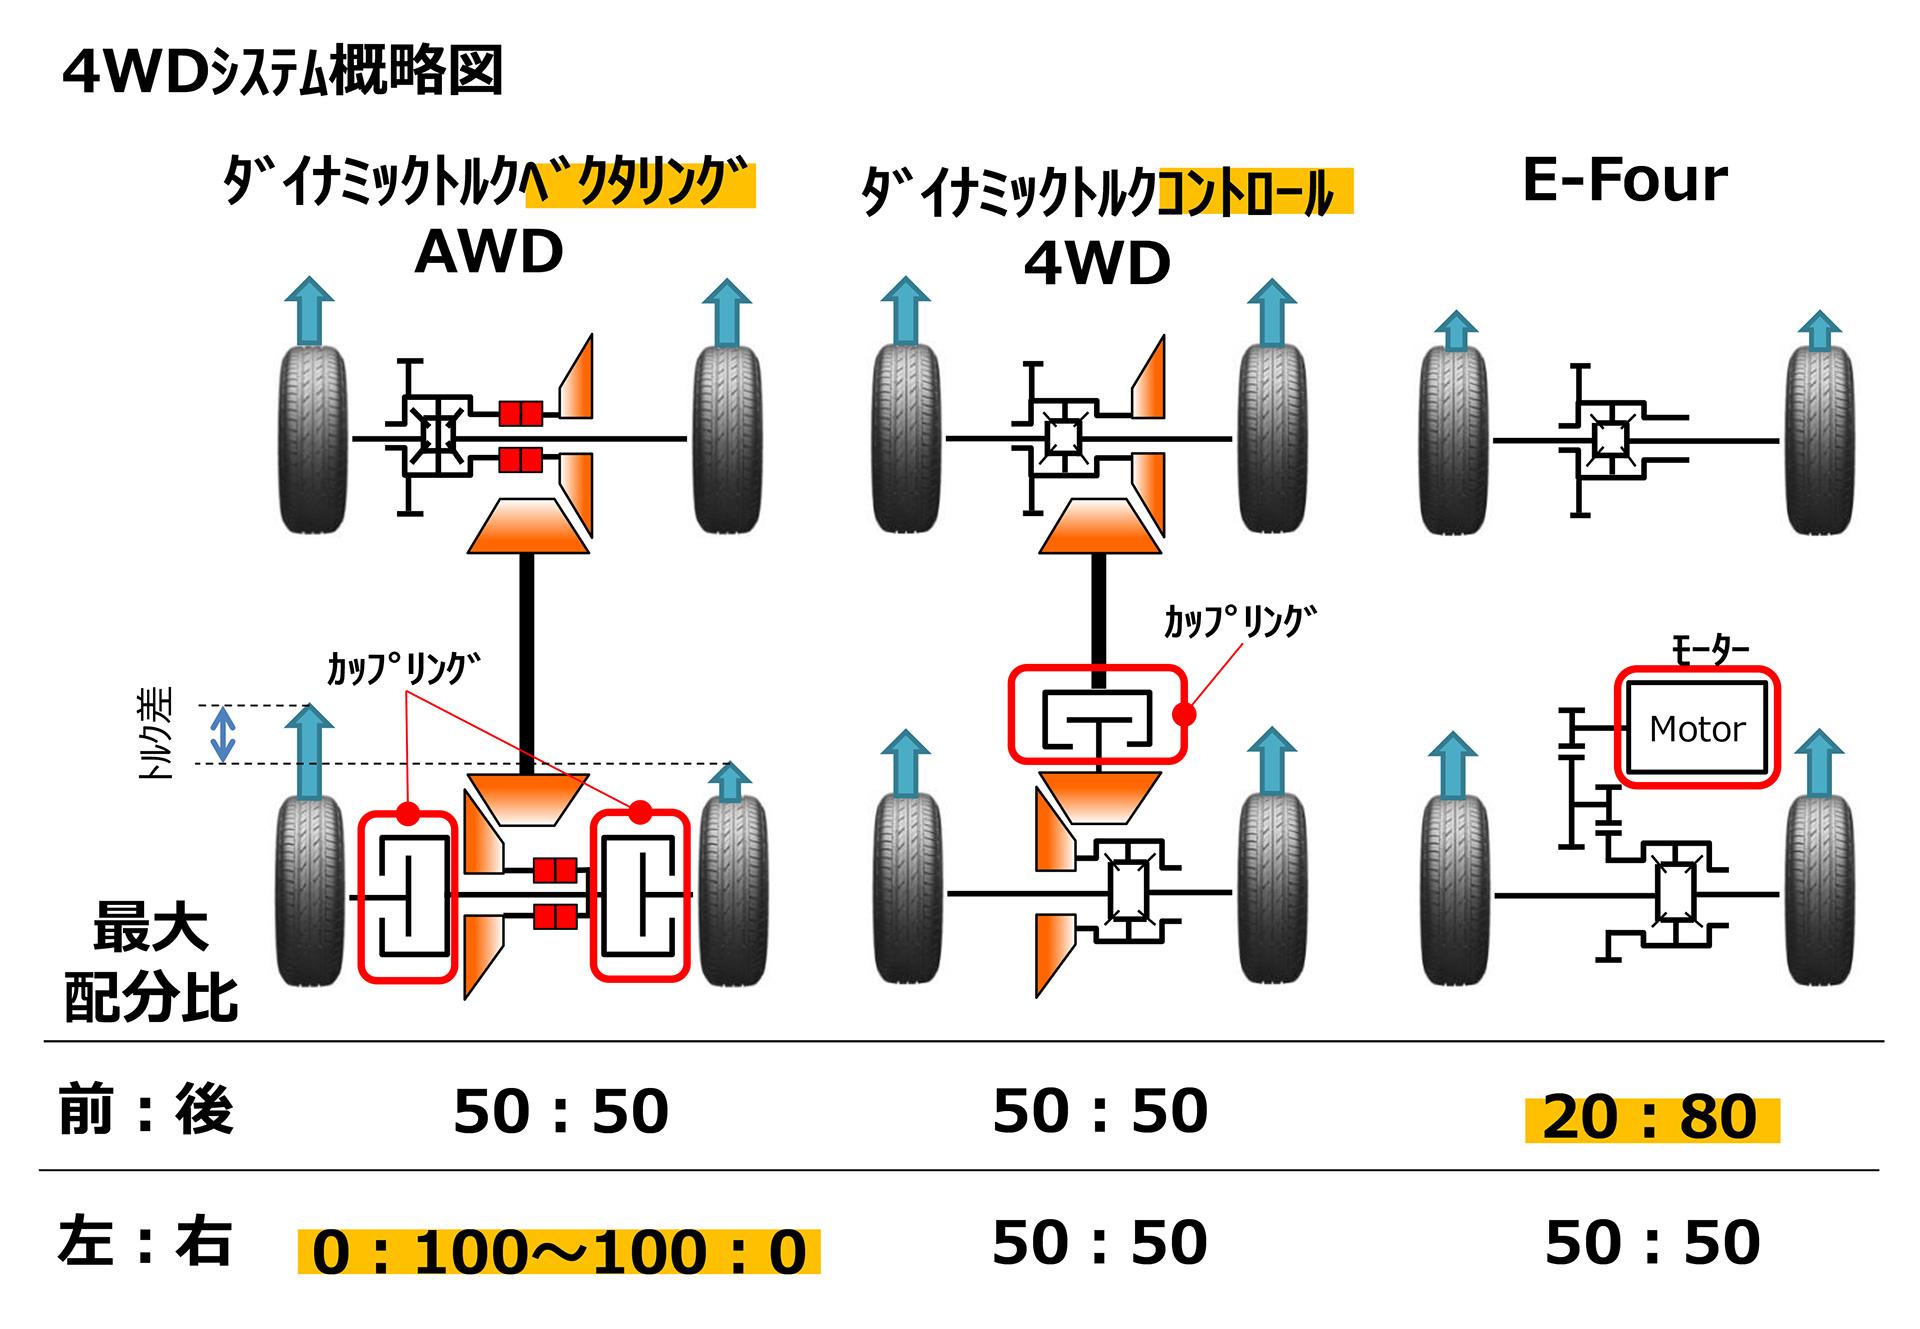 4WDシステム概略図